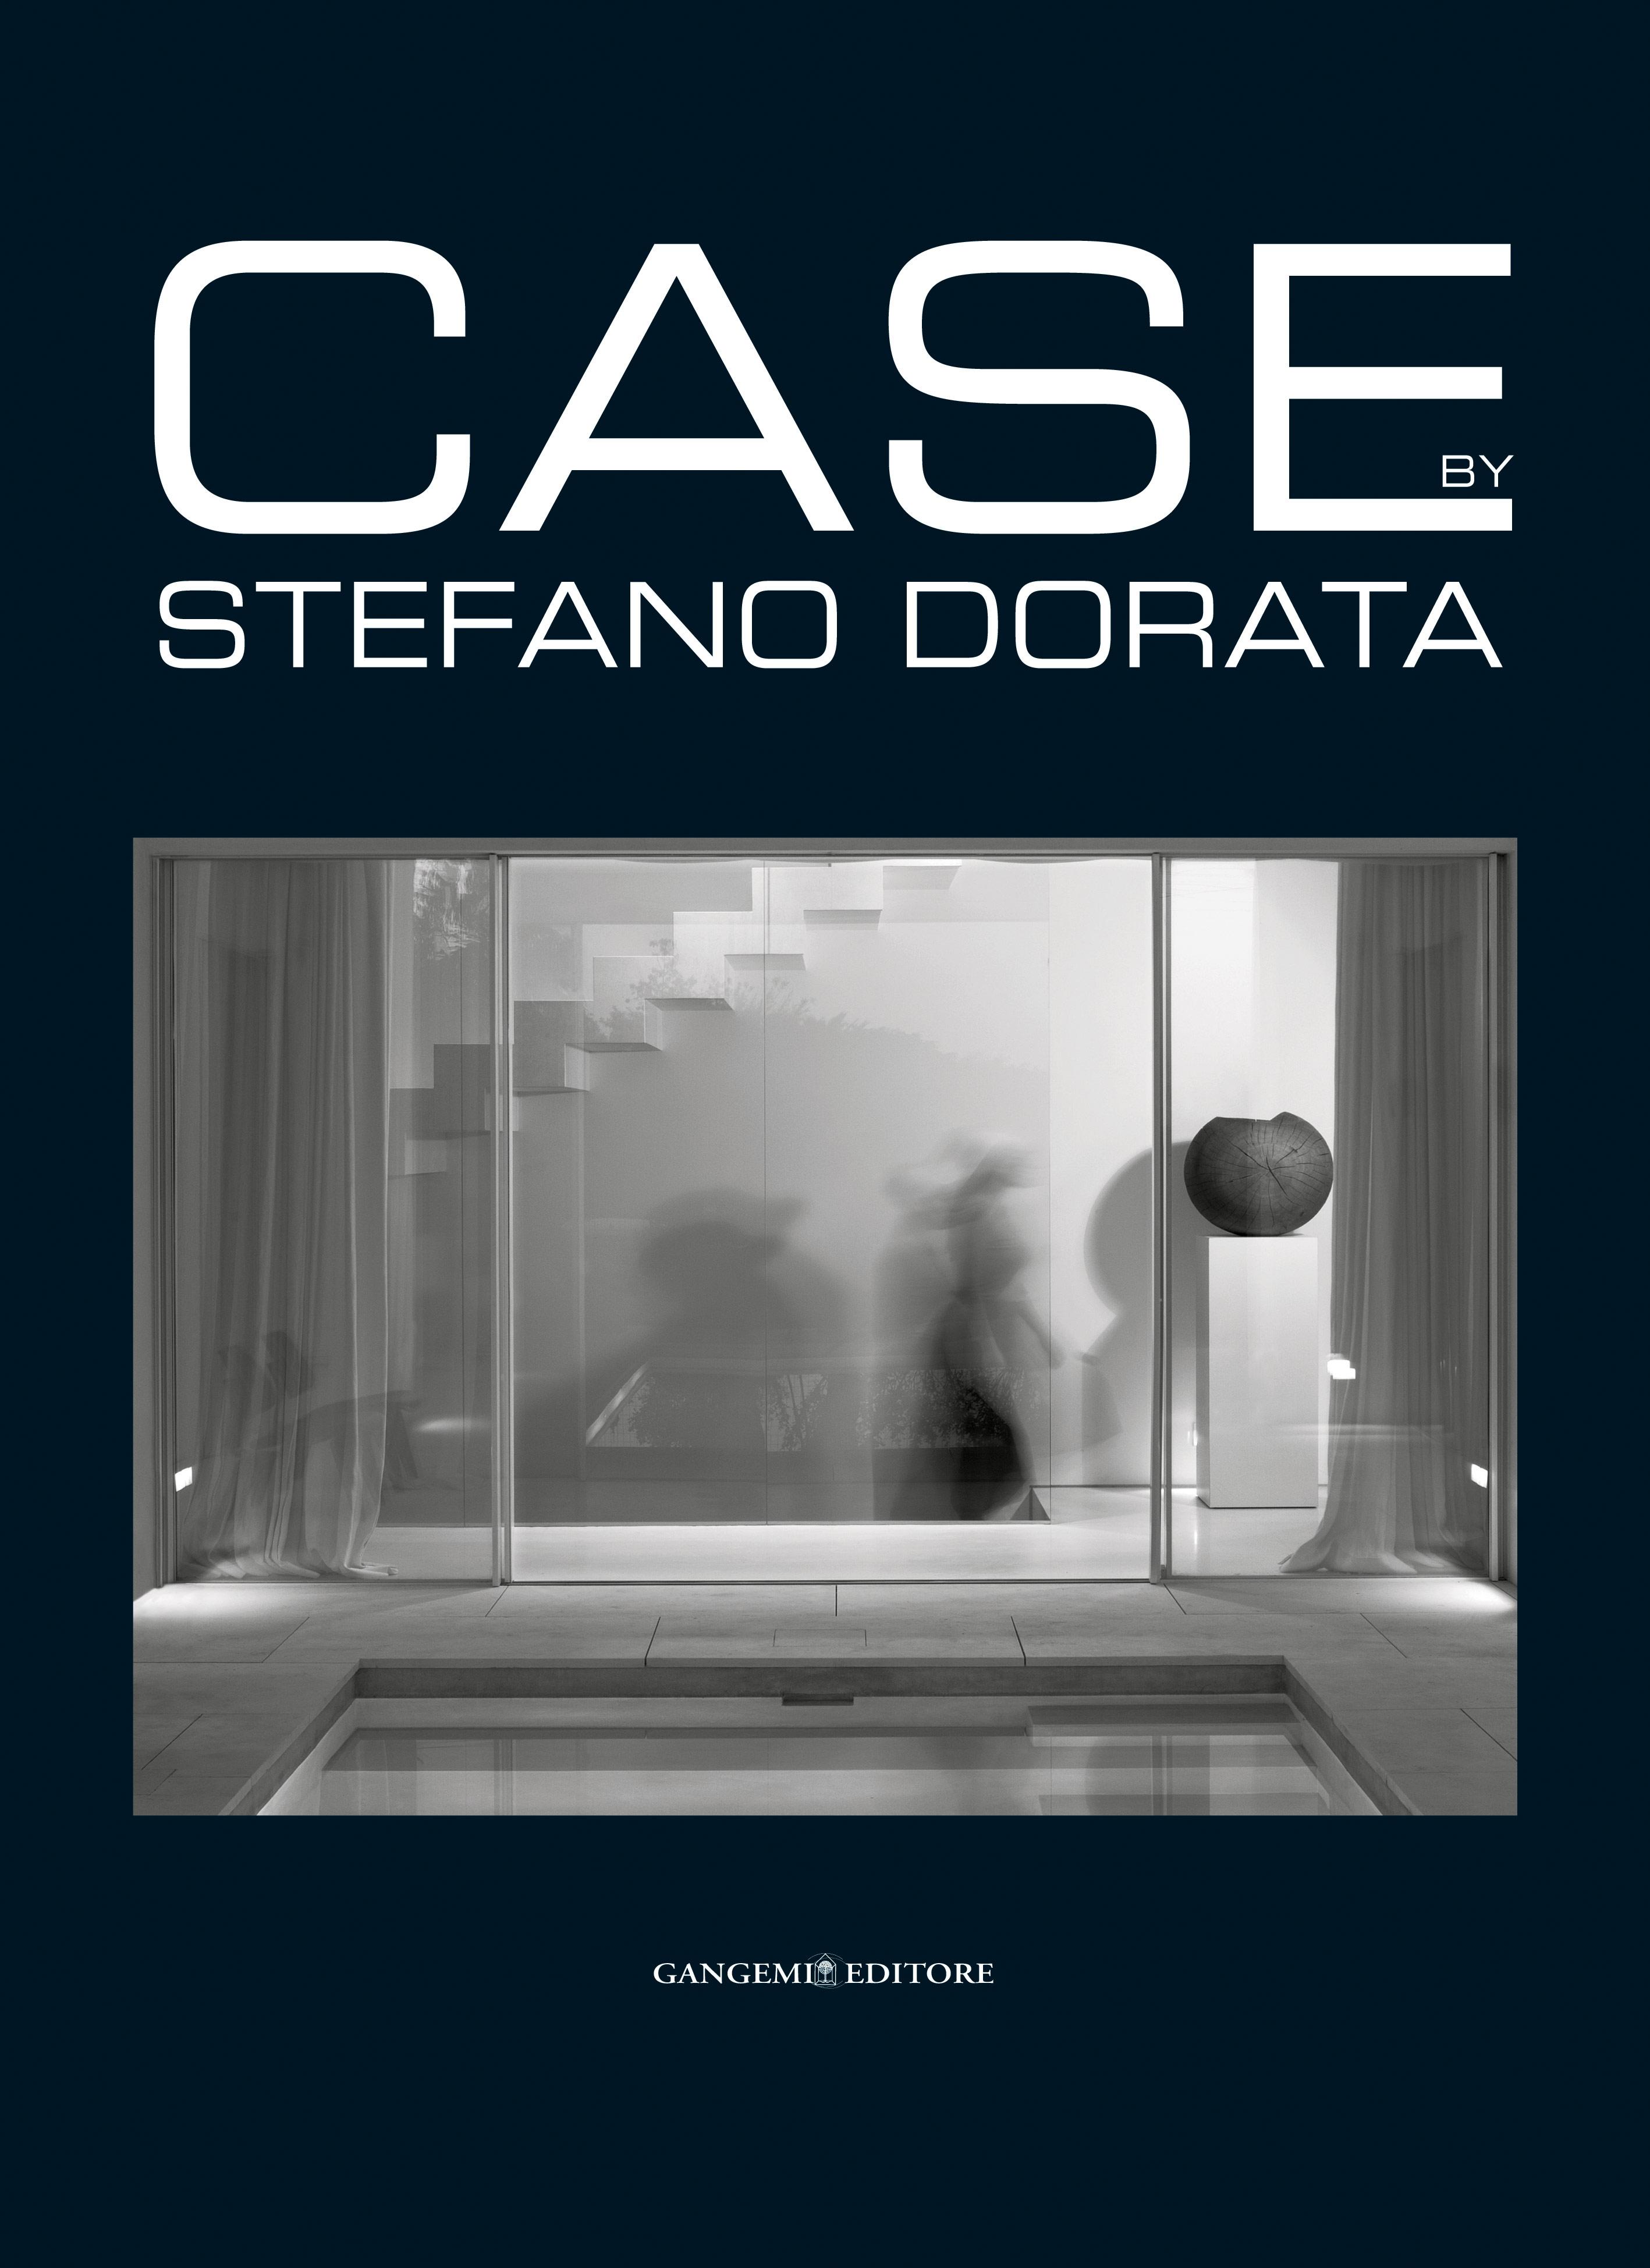 Case architettura e interni realizzazioni for Case architettura